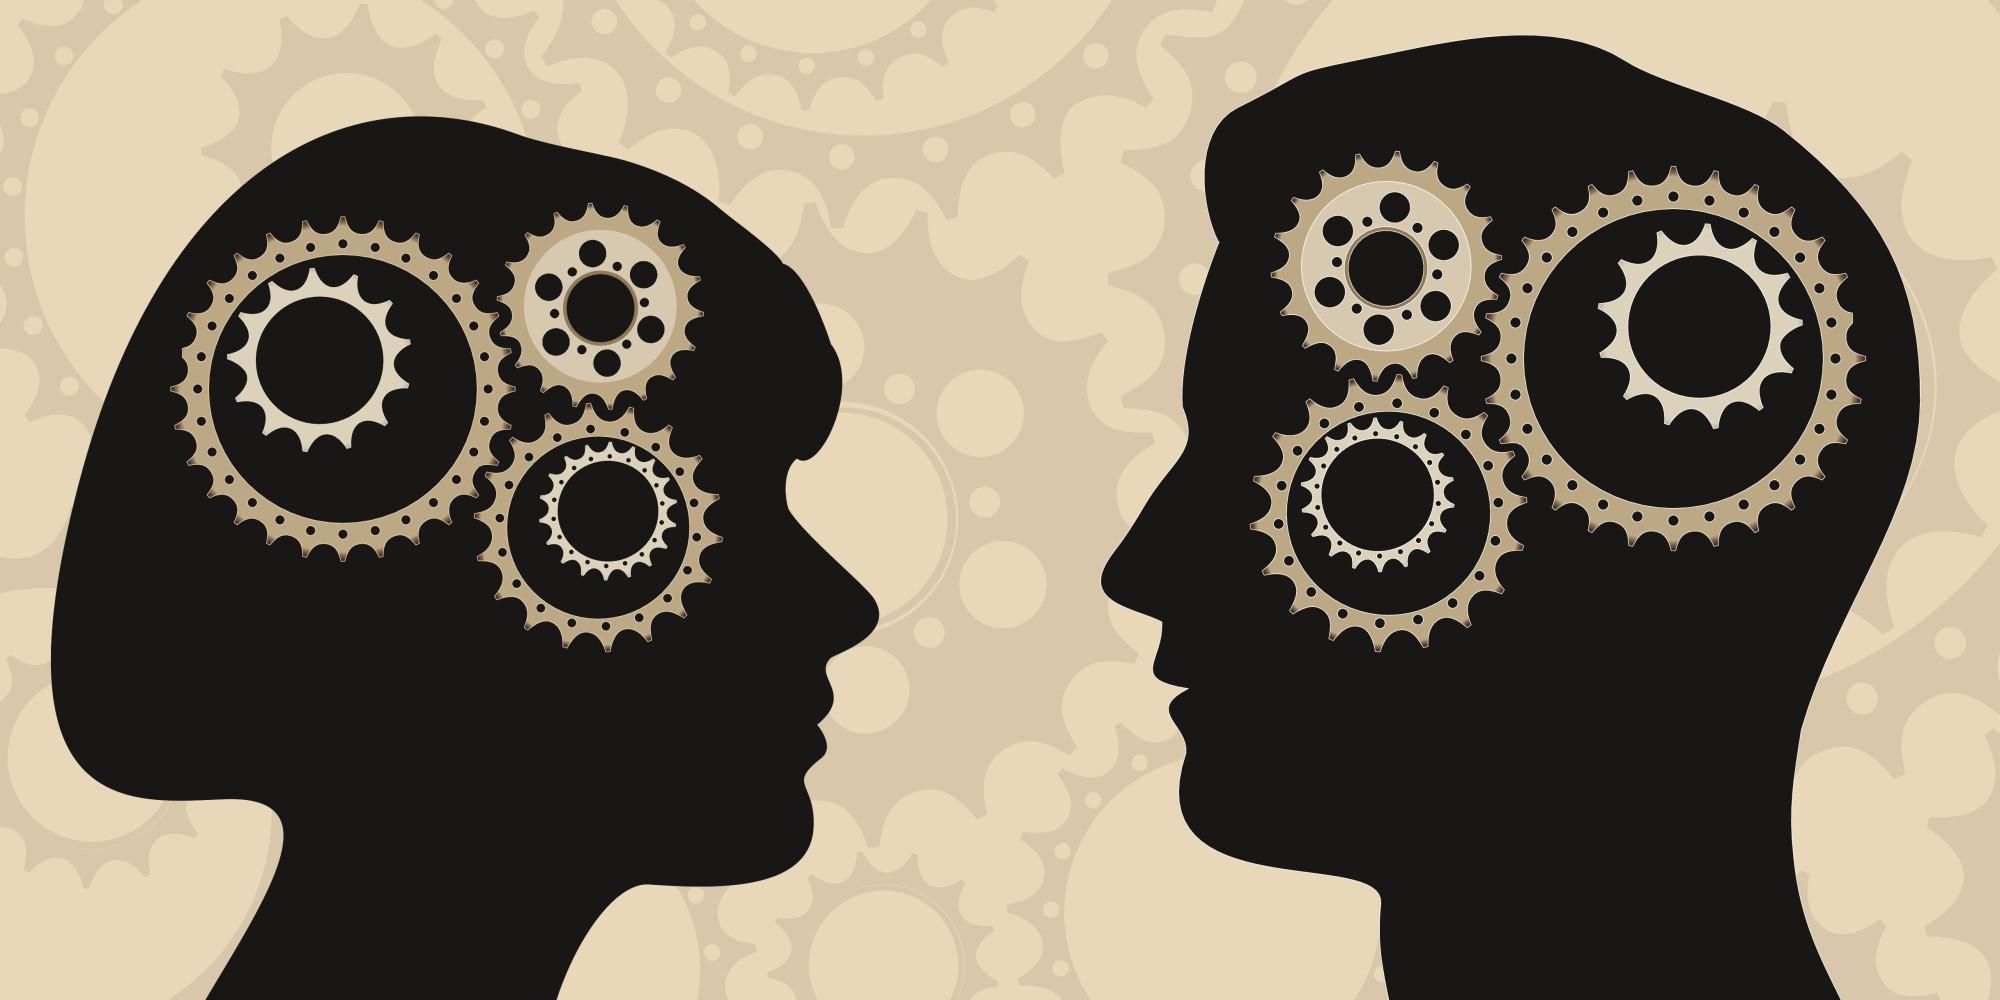 O cérebro do homem e o cérebro da mulher. | Dá pra ser ético sem negar a biologia